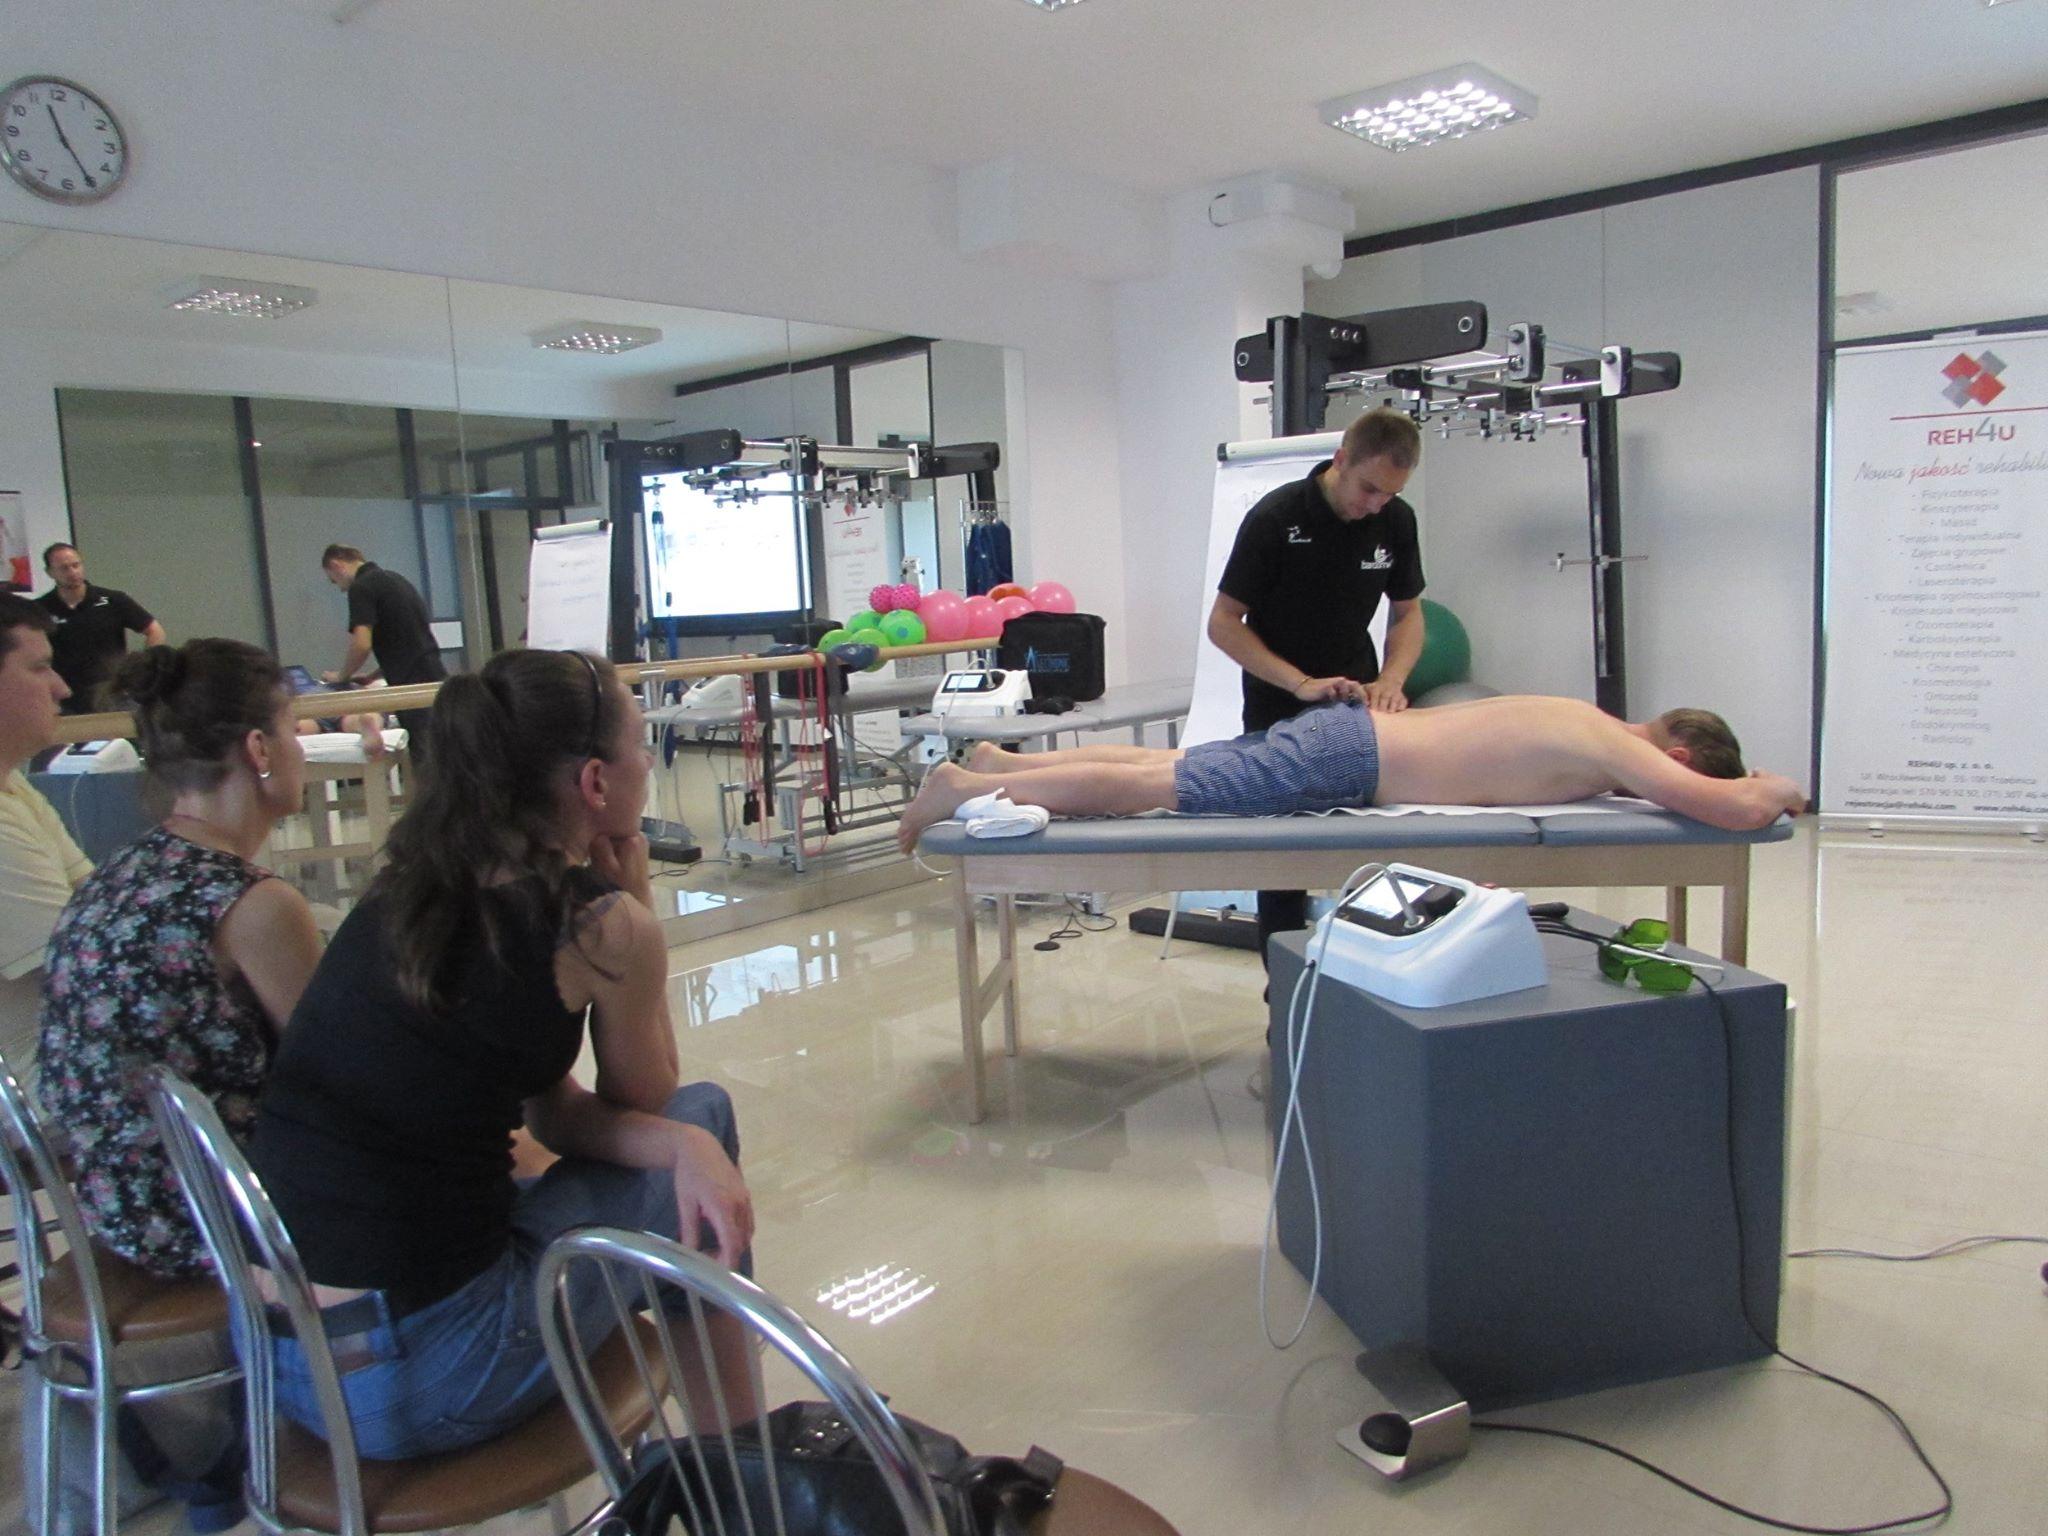 Rehabilitacja BardoMed - pokaz rehabilitacji